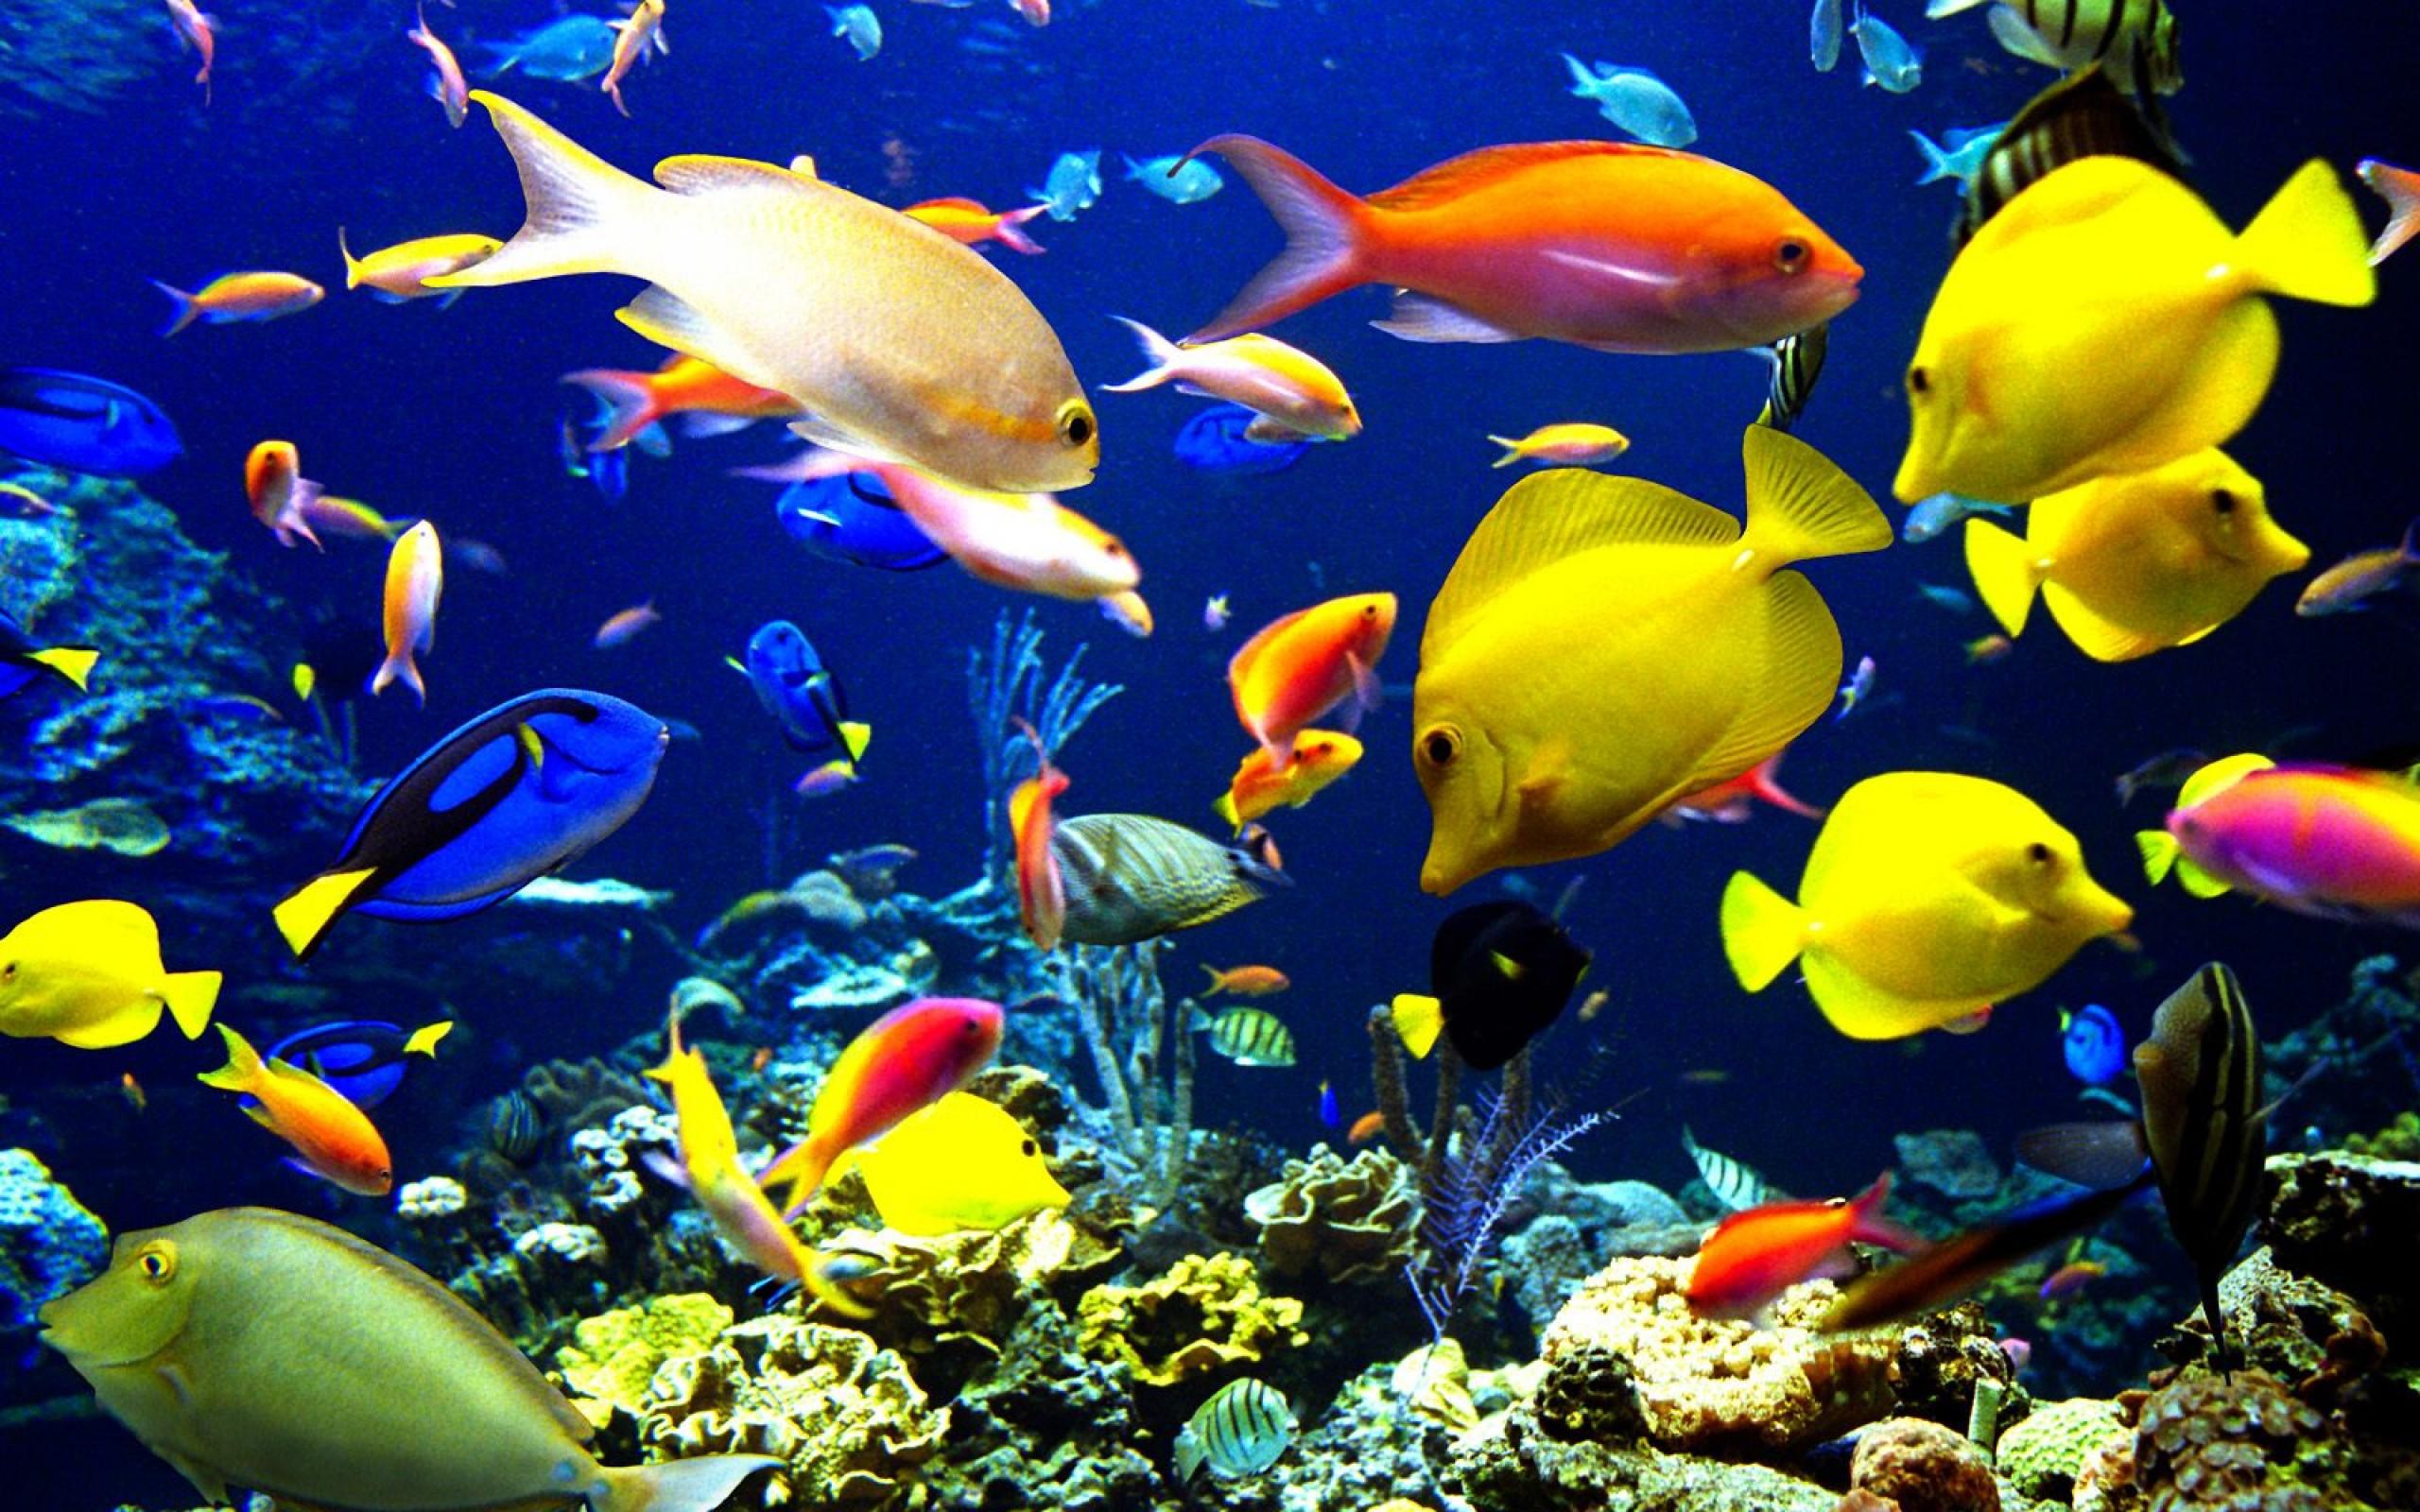 Ocean Fishing Wallpaper - WallpaperSafari